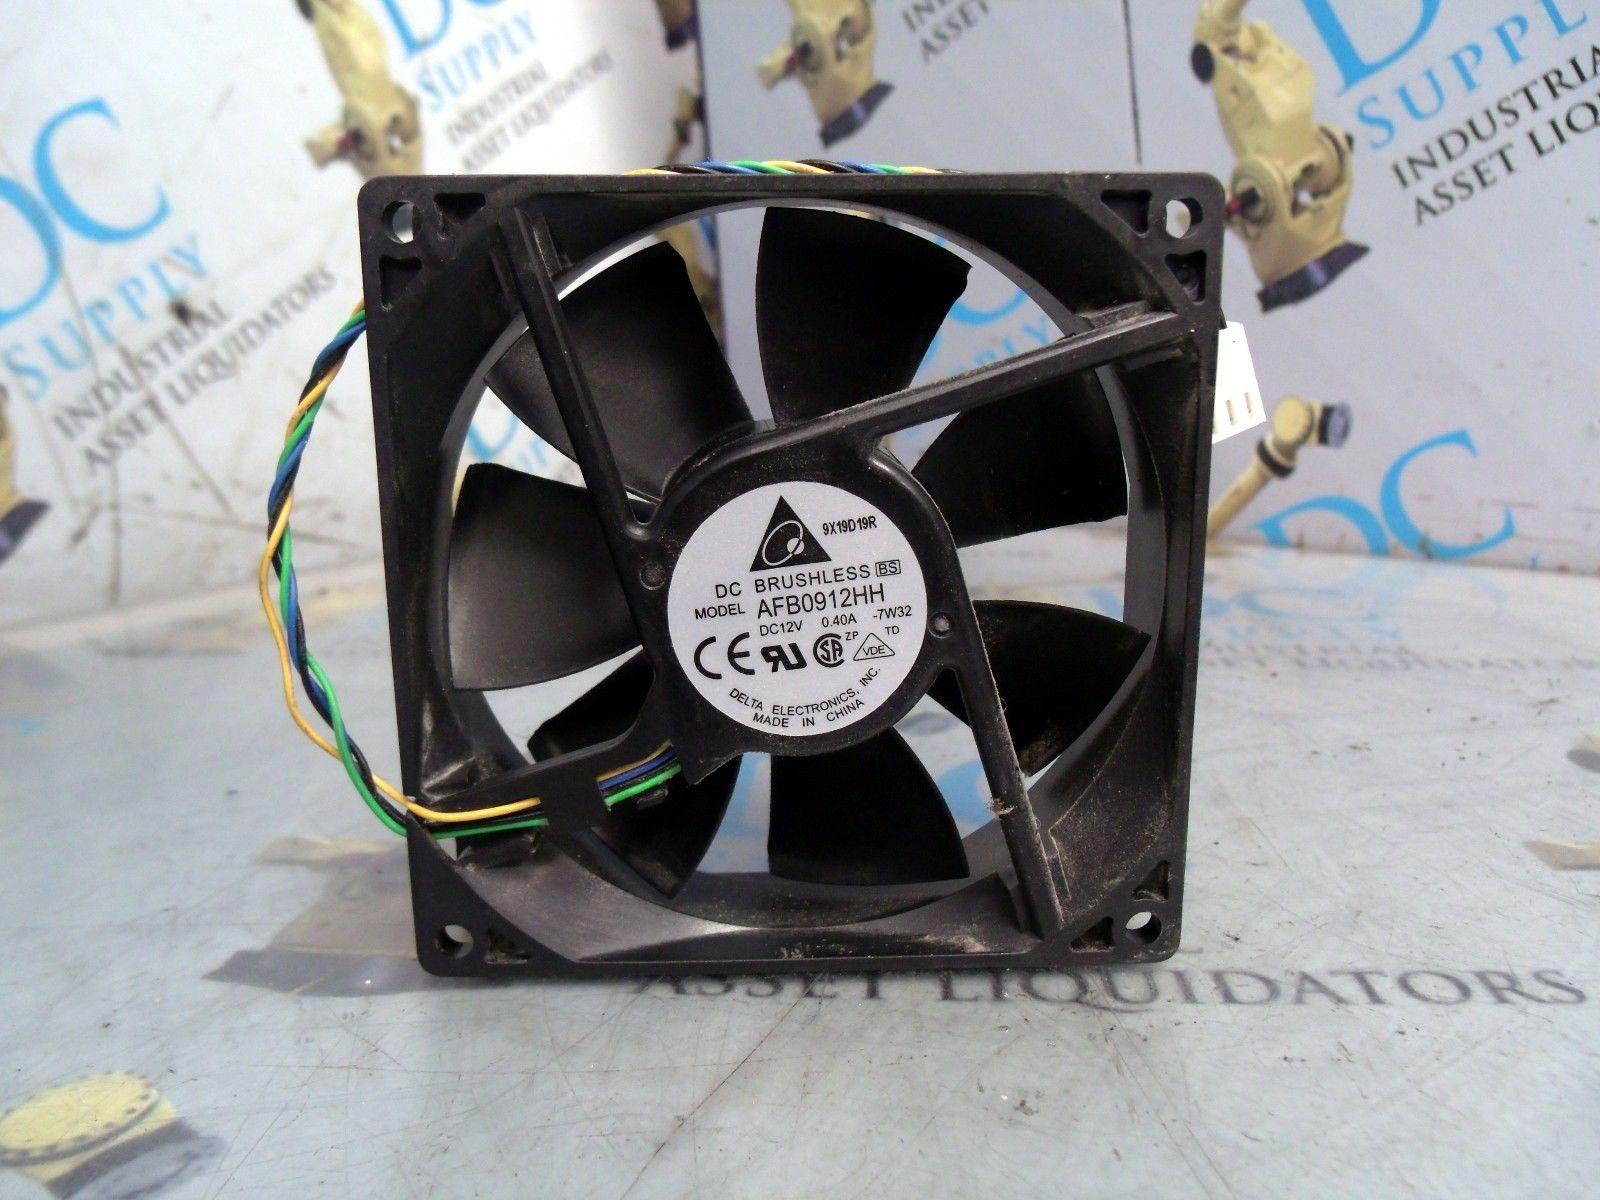 RAID 1 Z400, Z600 - eehelp com